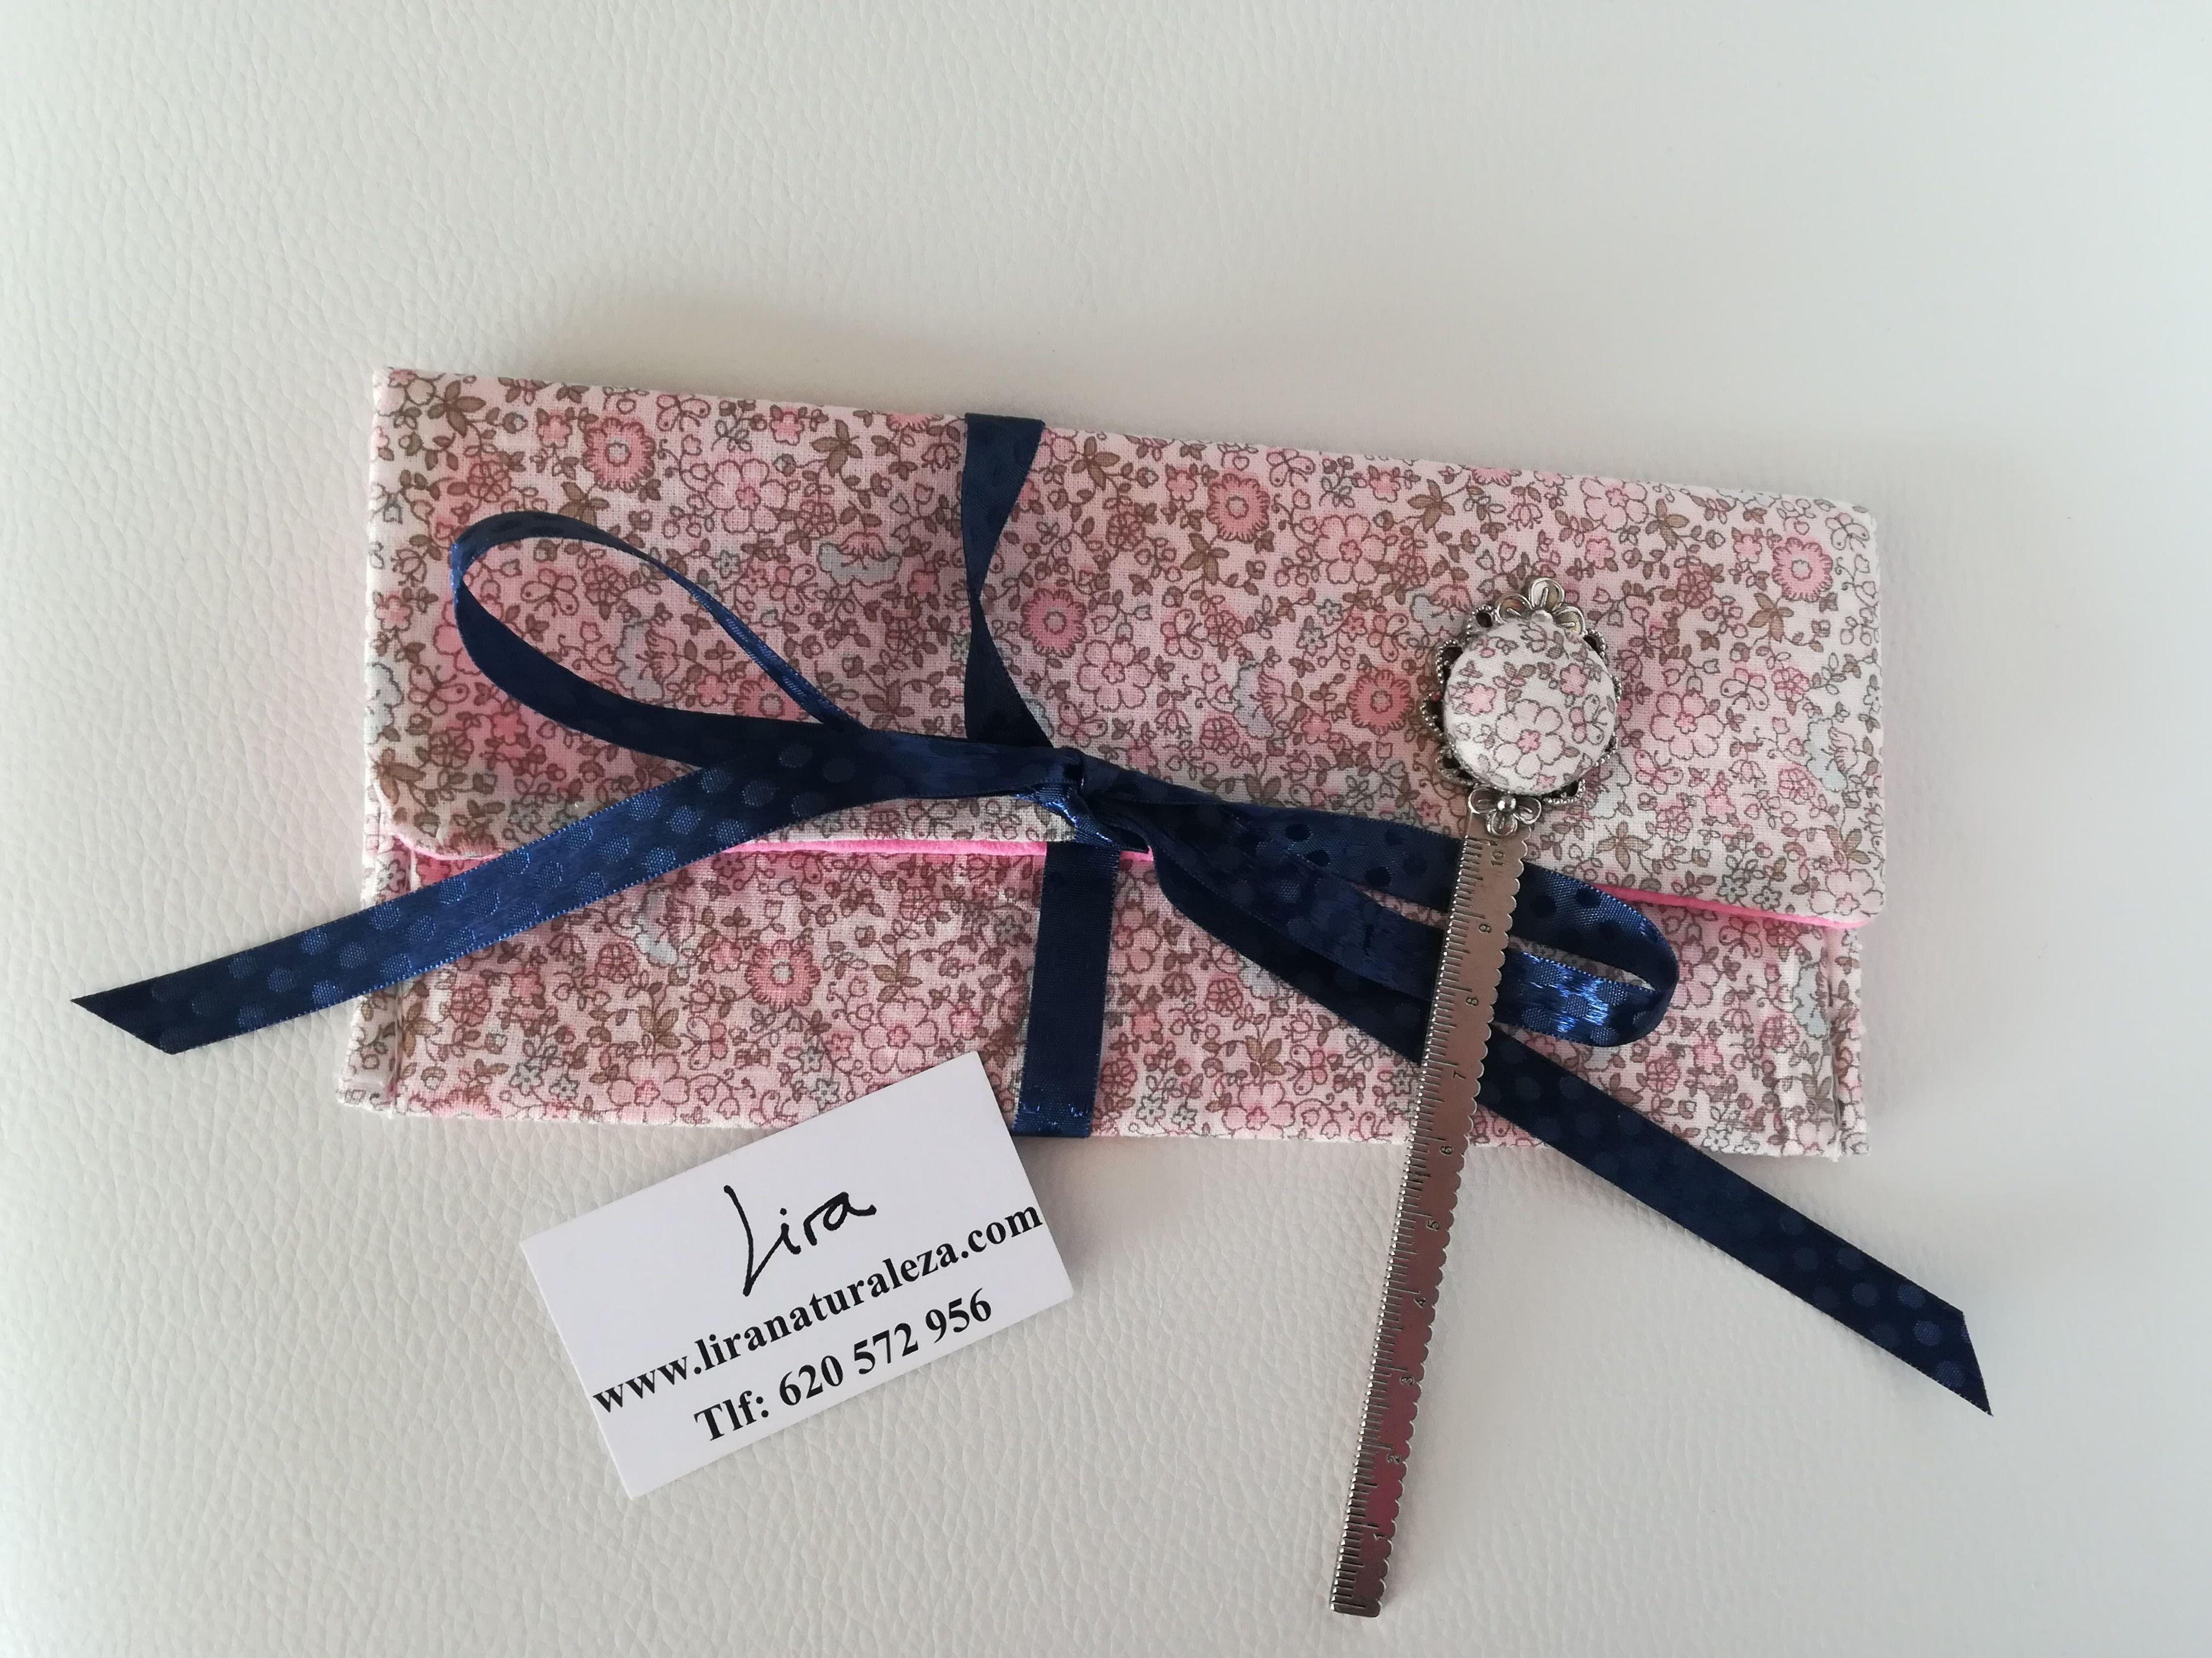 Regla de costura y costurero confeccionados con la misma tela. Un toque de flores en tu kit de costura.